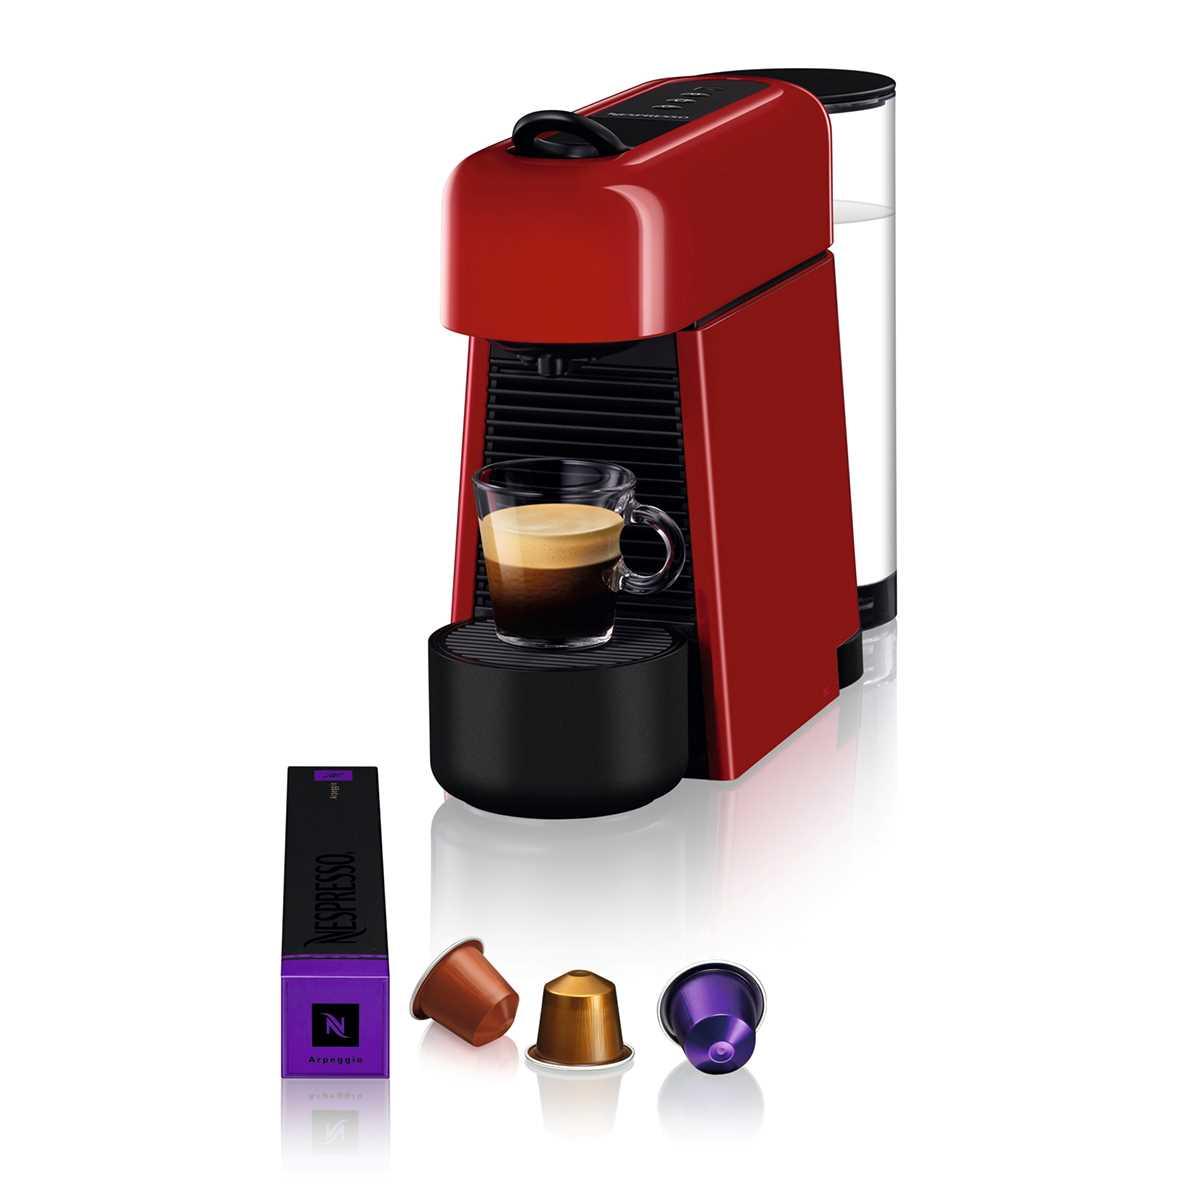 מכונת אספרסו Nespresso Essenza D45 Plus נספרסו כולל מקצף חלב - צבע אדום - תמונה 2